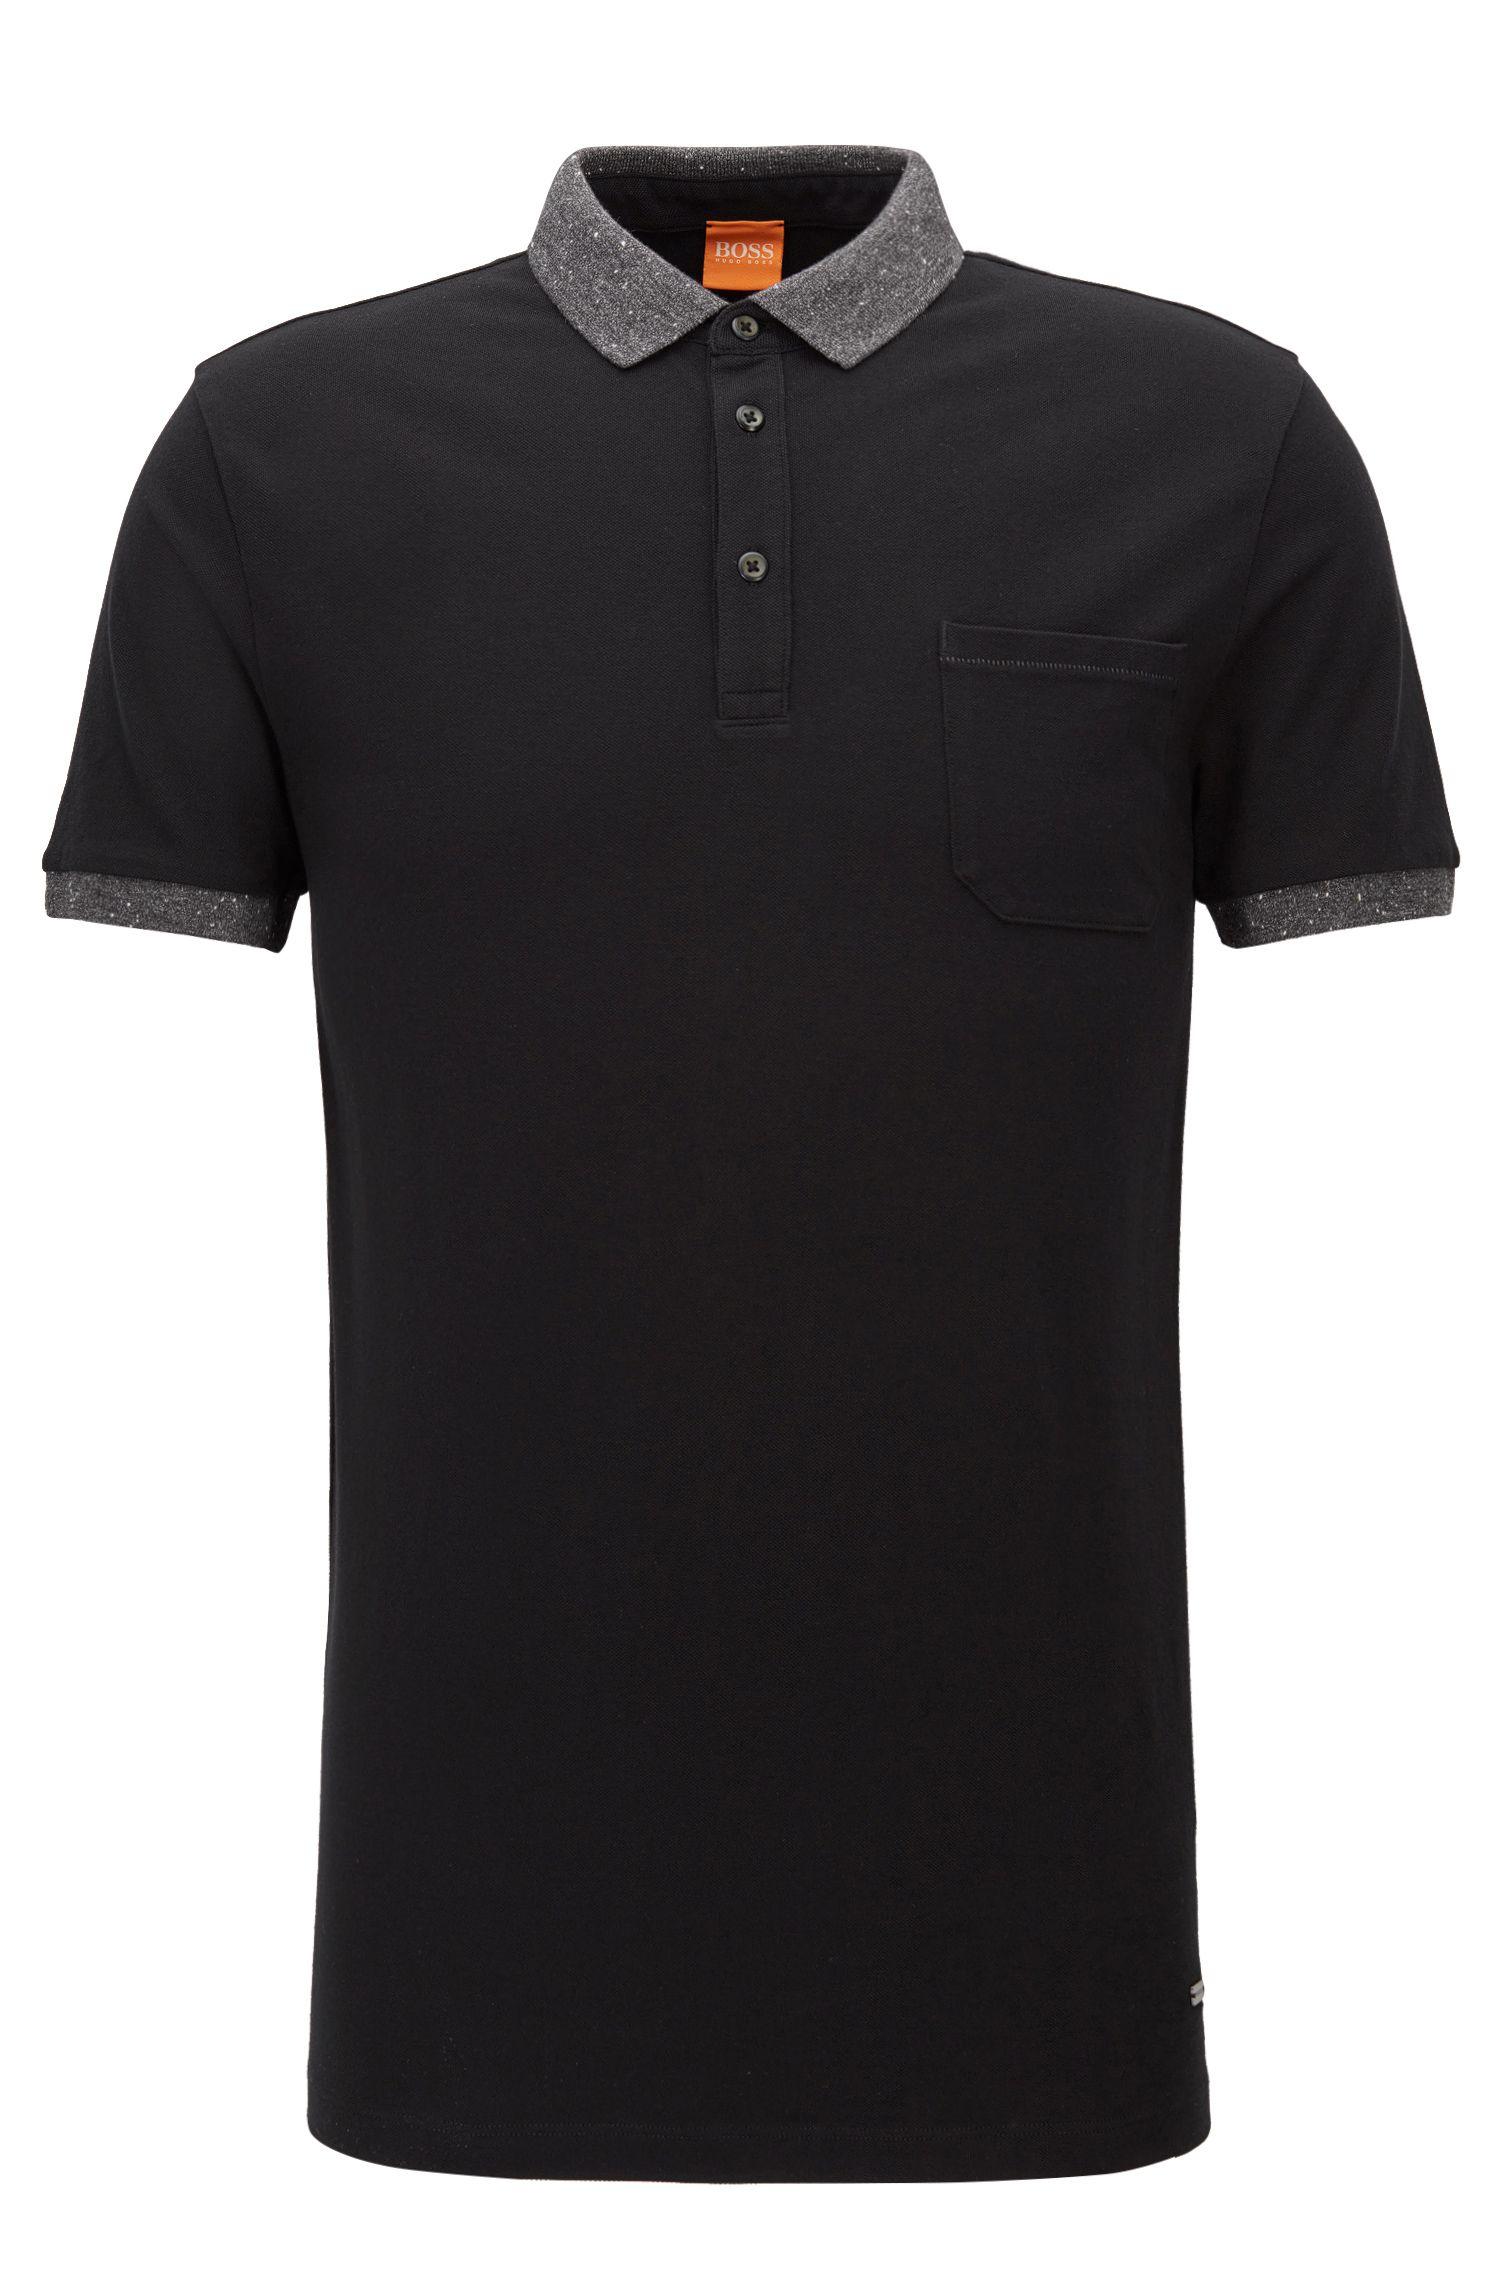 Regular Fit, Piqué Cotton Polo Shirt | Previously